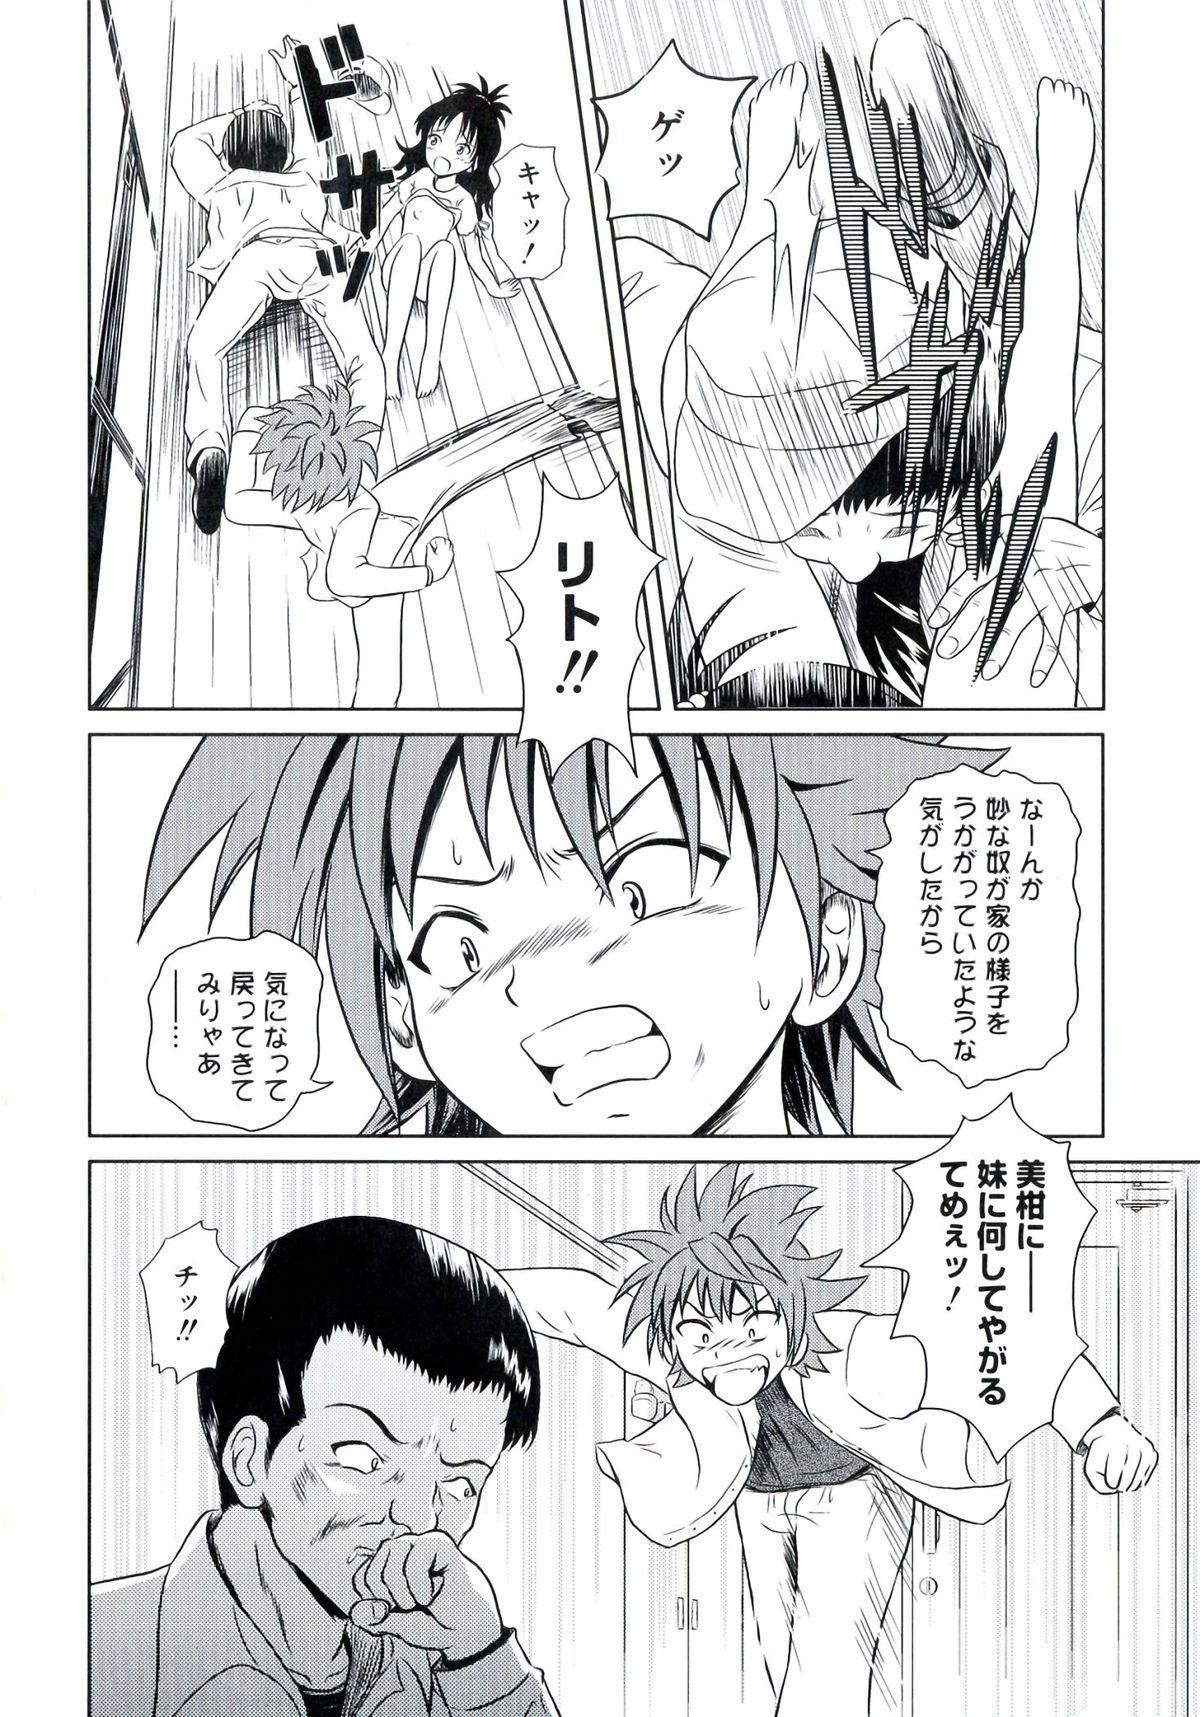 Geki EROVEru DARKNESS 143